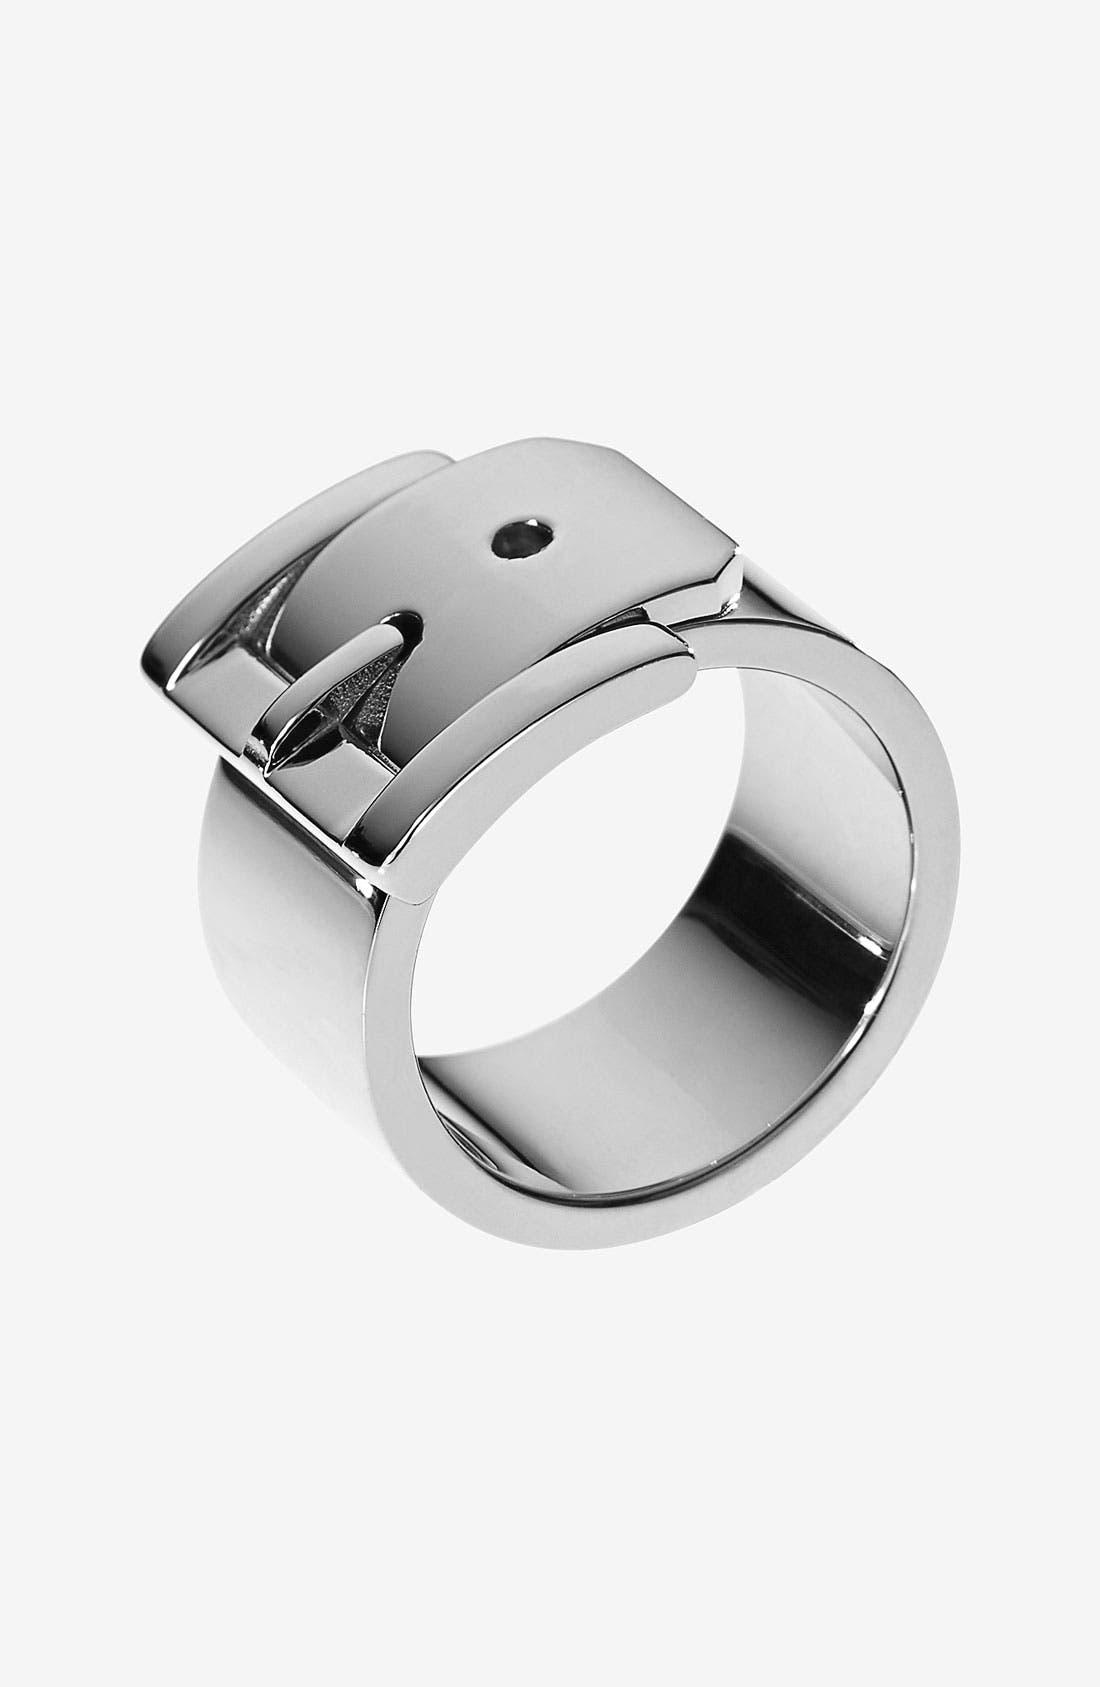 Main Image - Michael Kors Buckle Barrel Ring